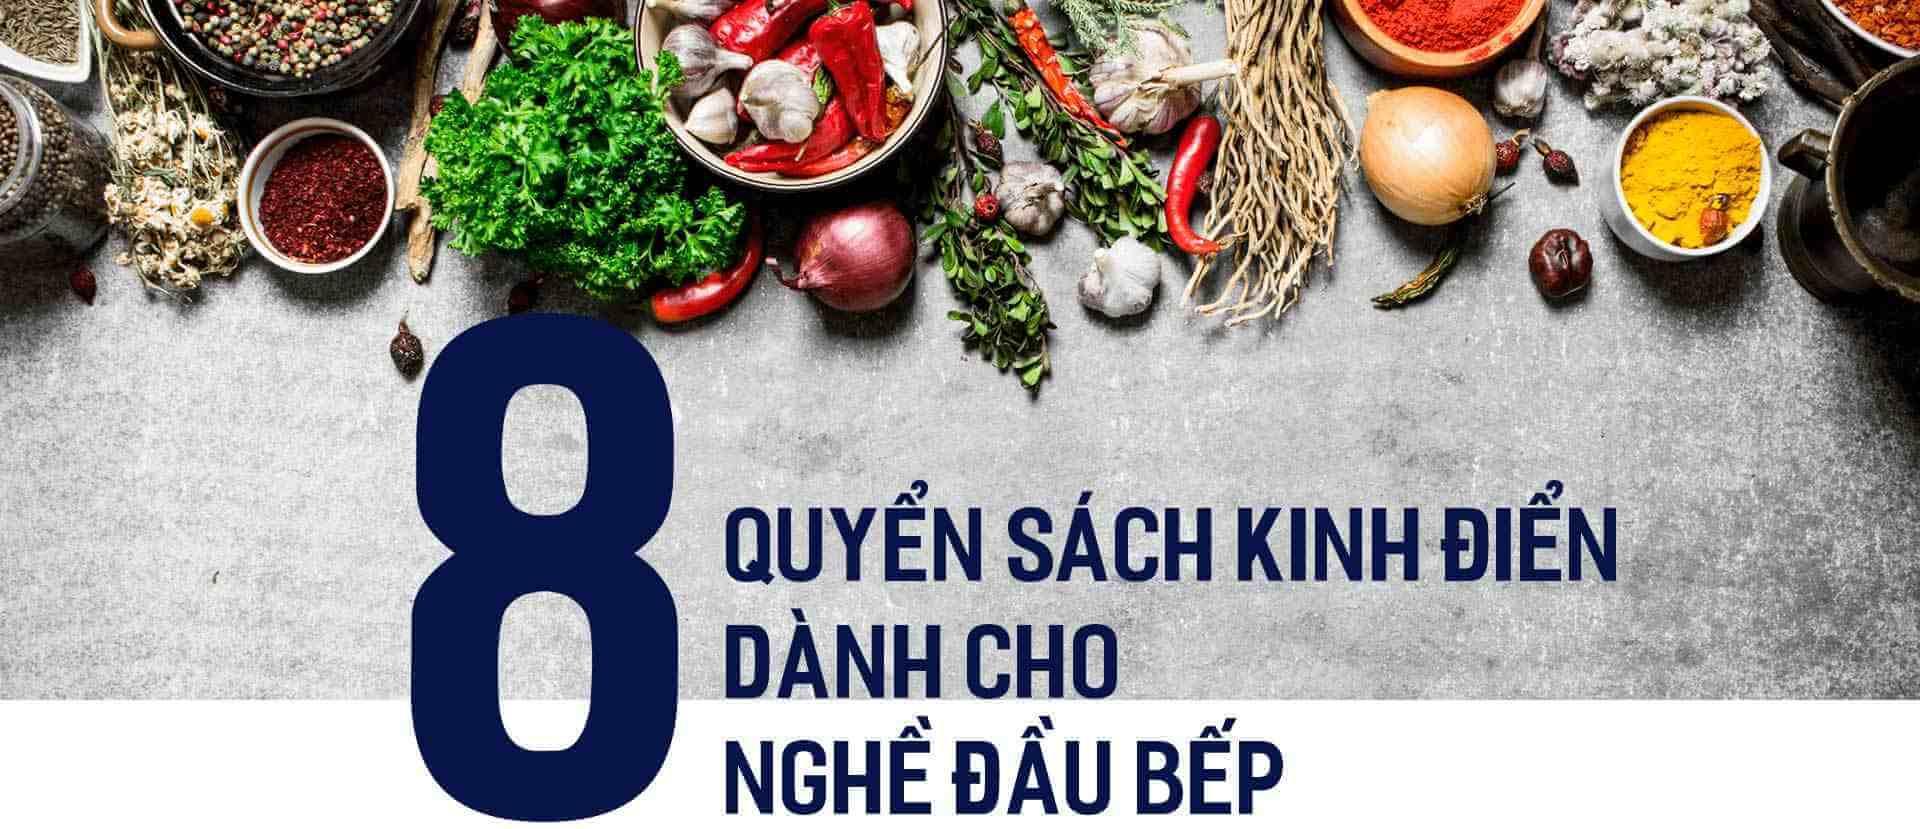 8 quyển sách kinh điển dành cho nghề đầu bếp